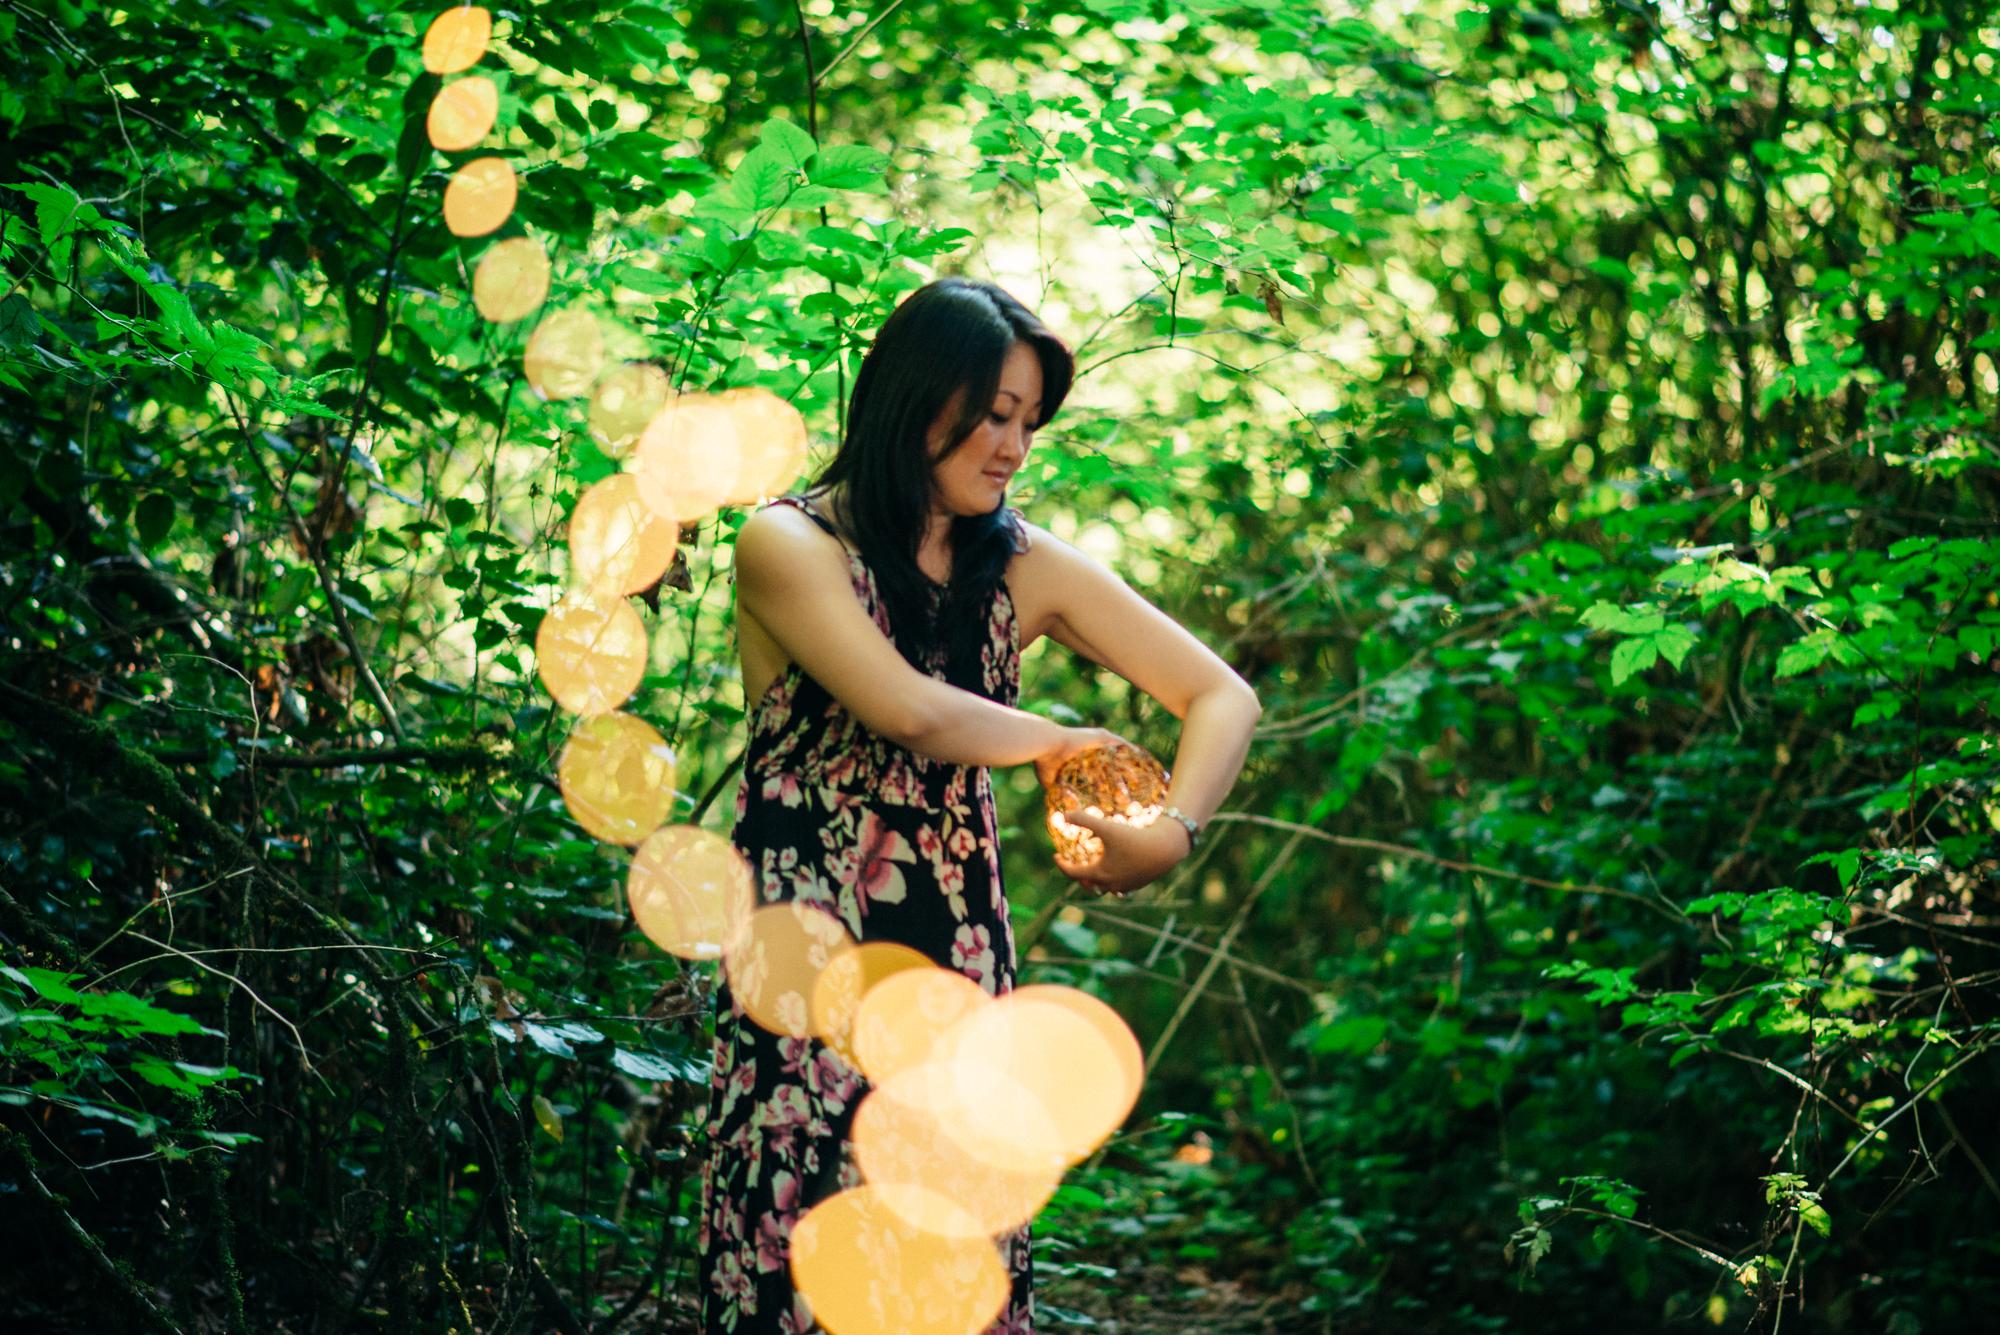 AwakenedDivinePhotography_AwakenedDivine_2302.jpg